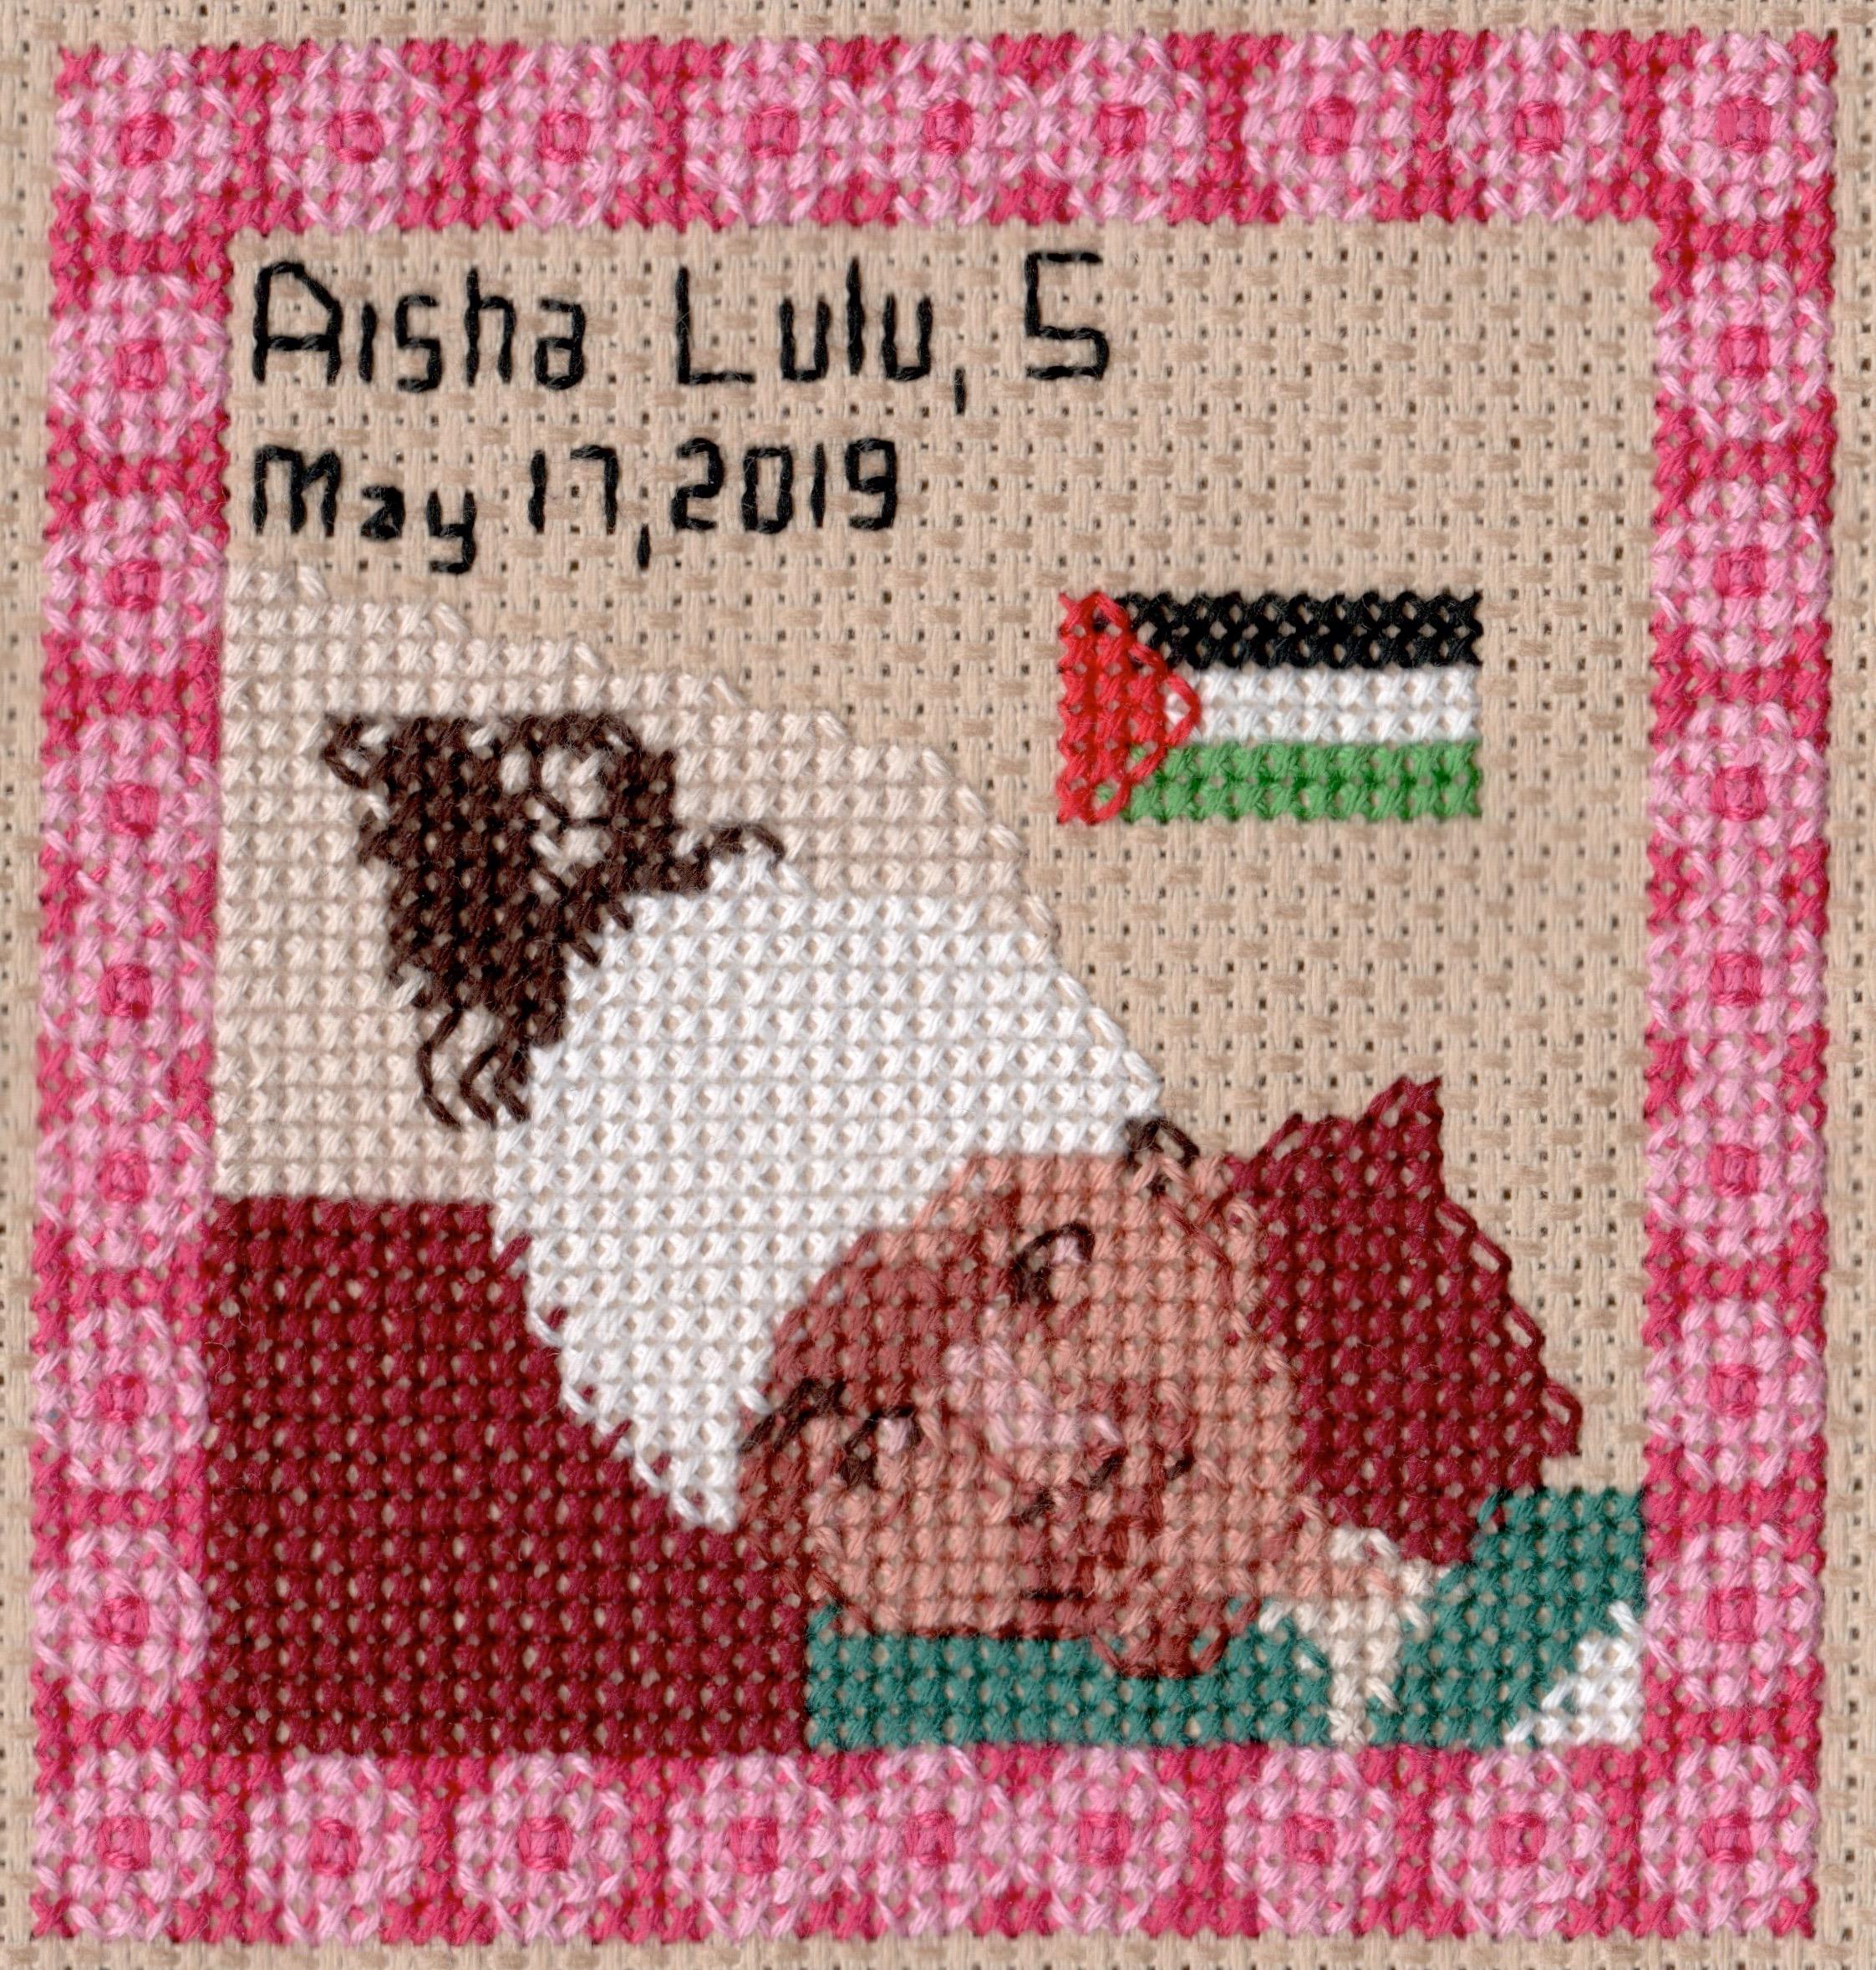 1 Aisha Lulu